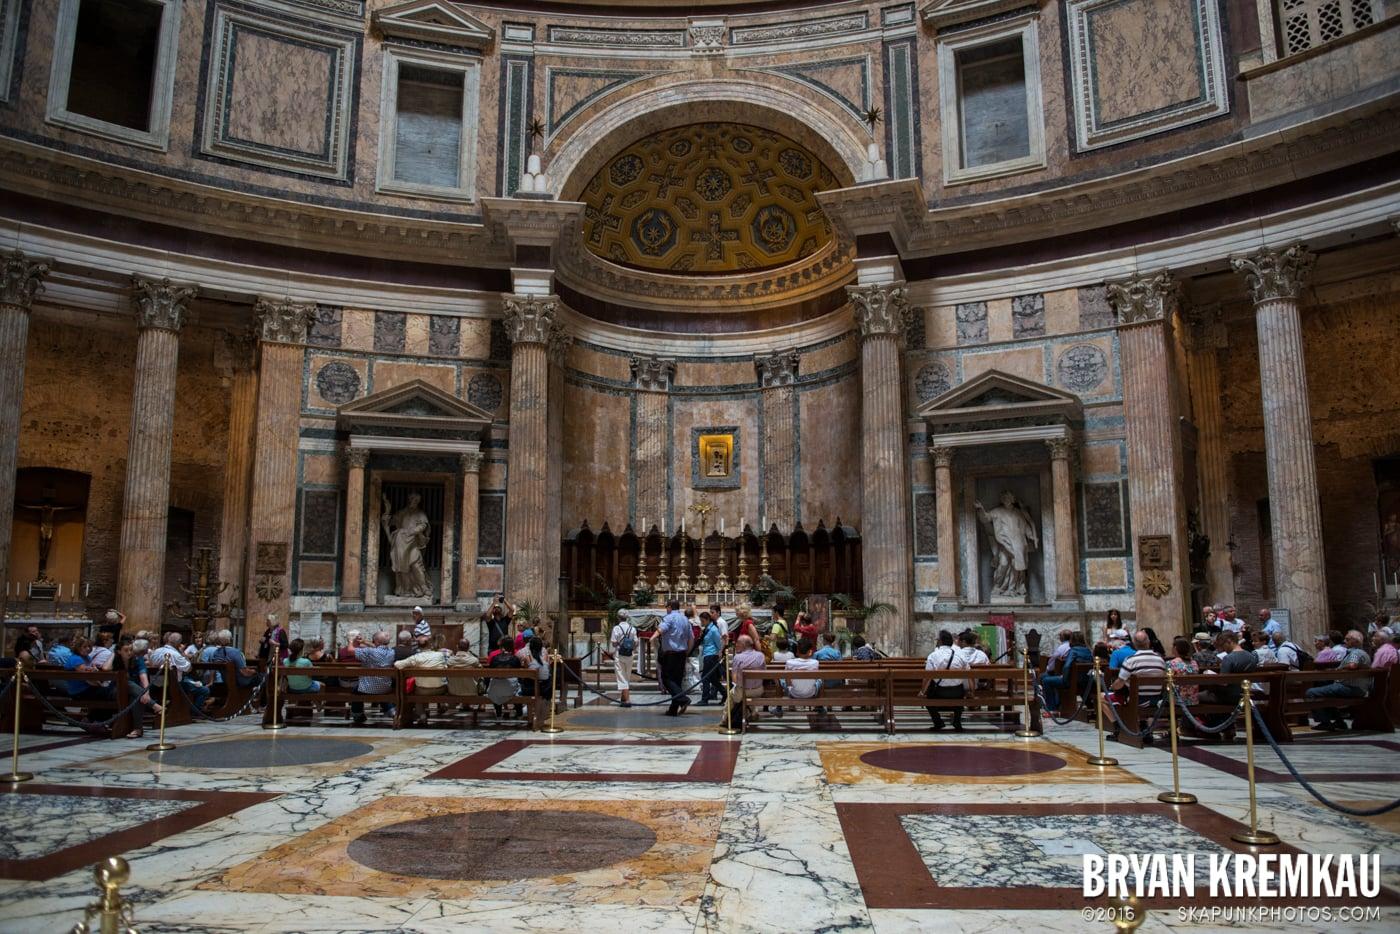 Italy Vacation - Day 1: Rome - 9.9.13 (74)